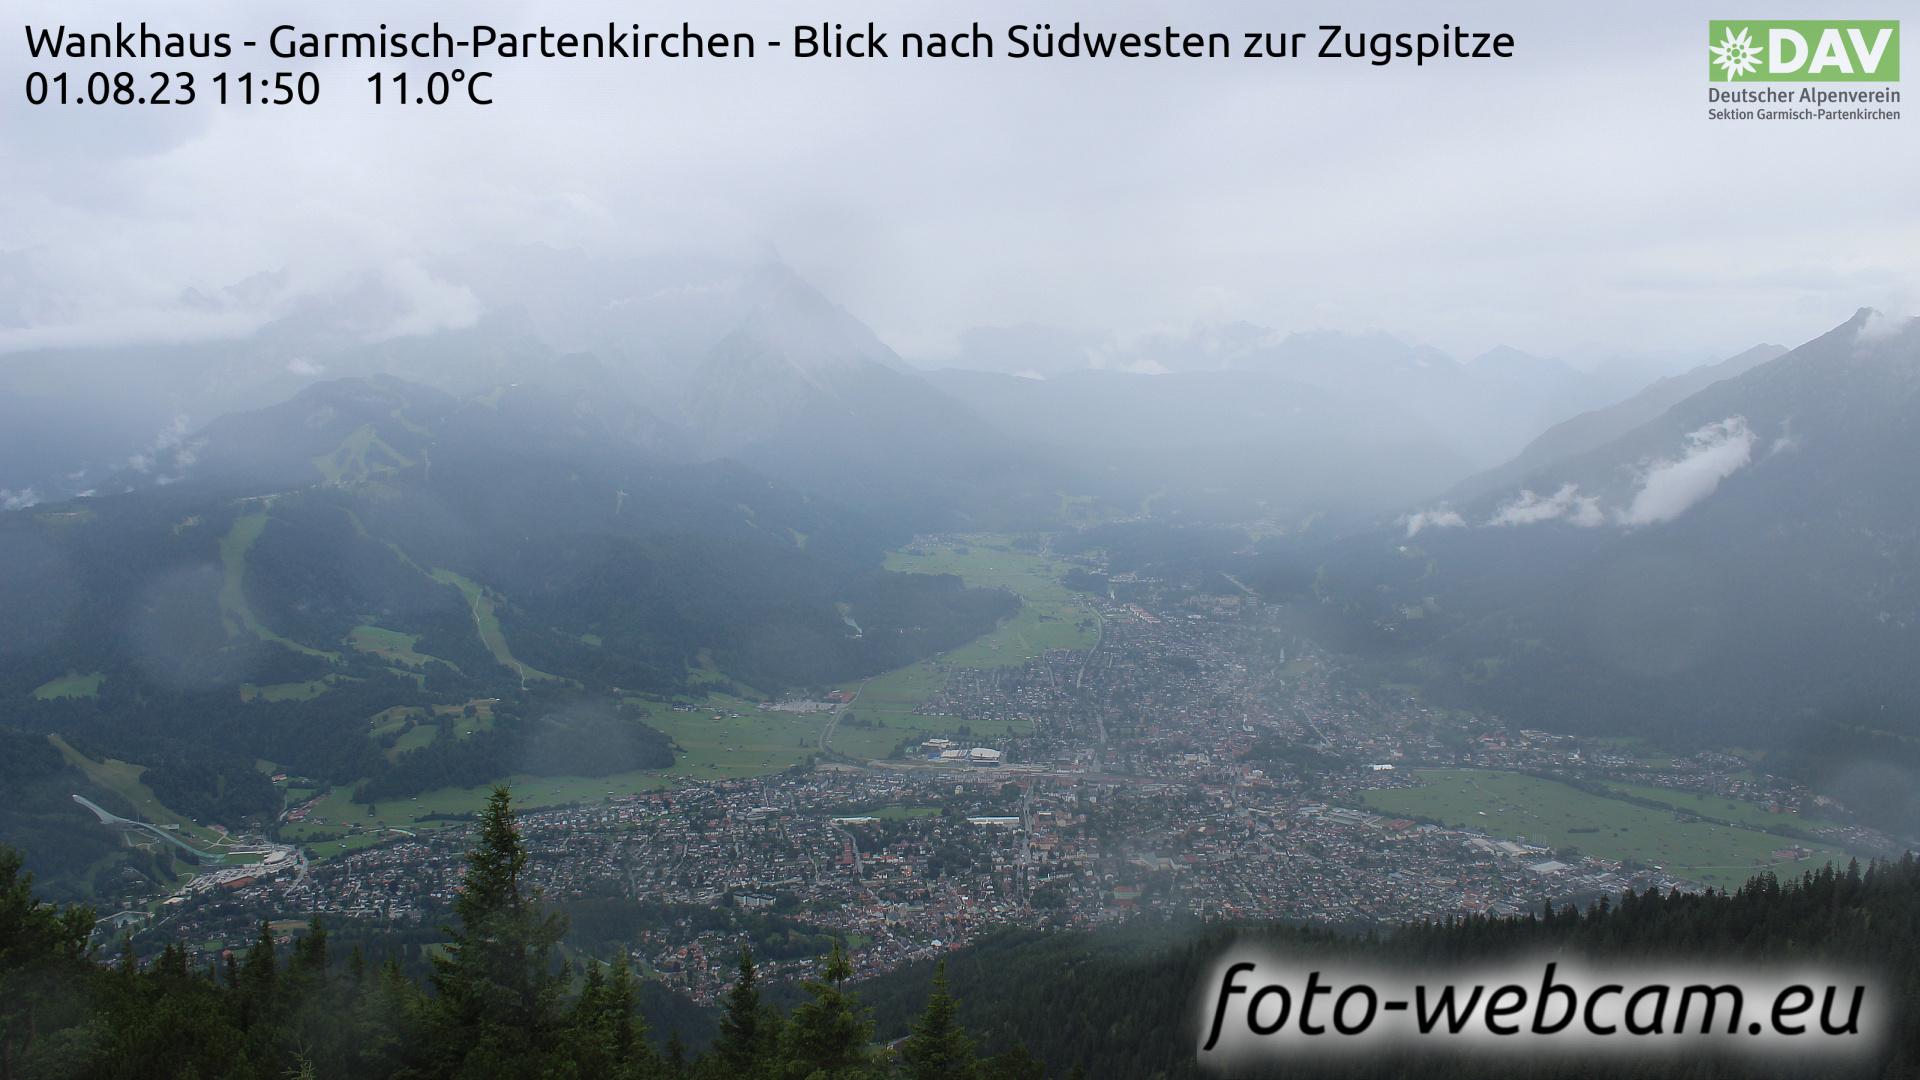 Garmisch-Partenkirchen Mon. 11:52